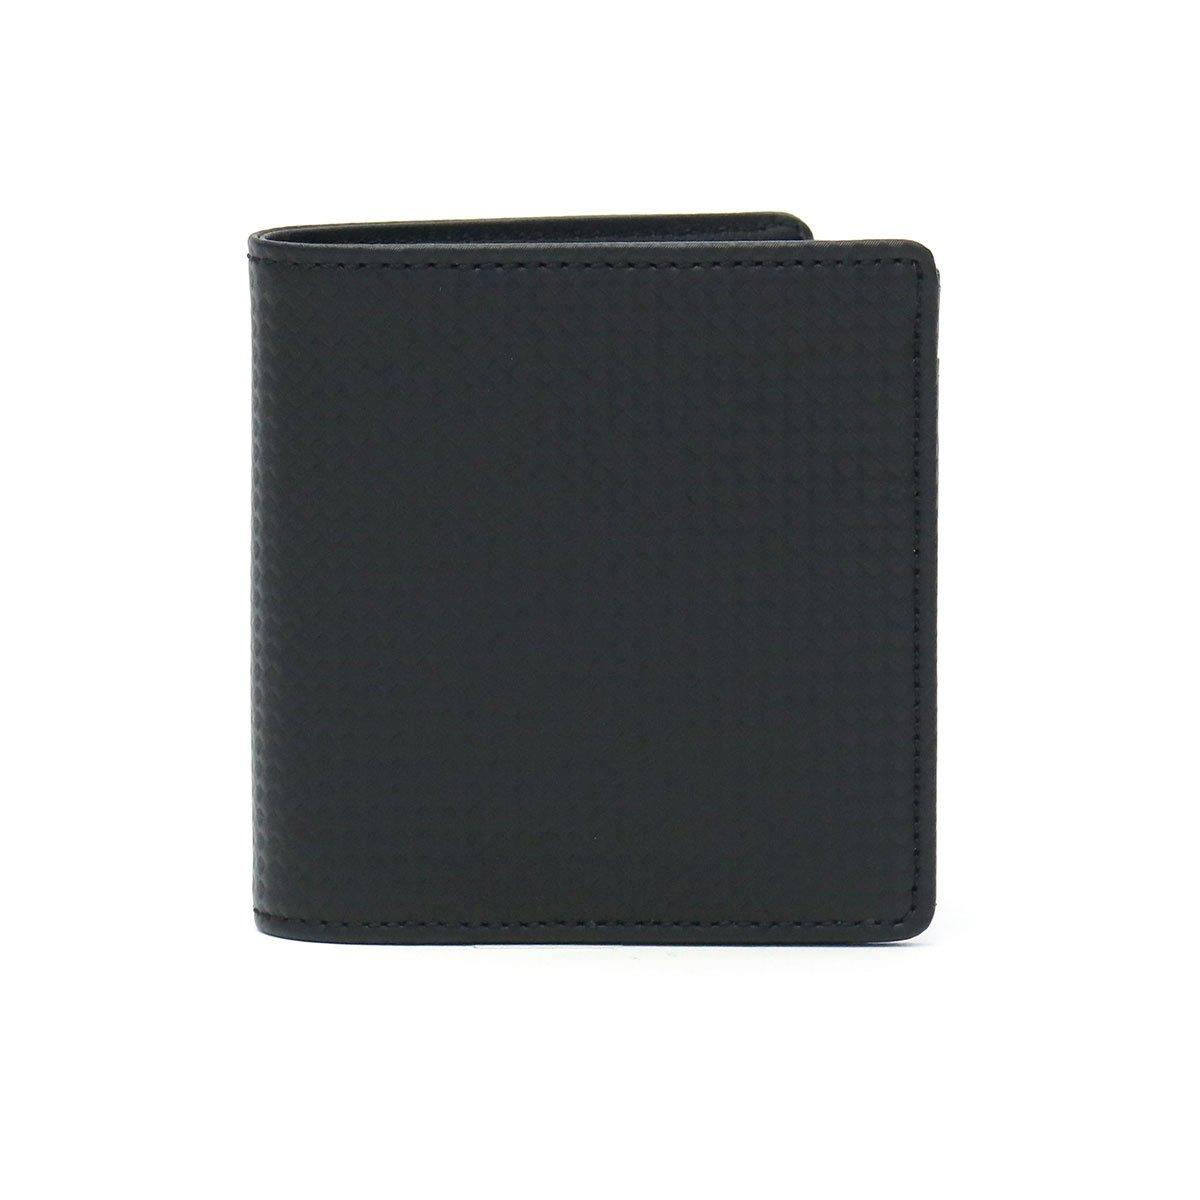 [ノイインテレッセ]Neu interesse シャッテン Schatten 二つ折り財布 3899 B07D2YXRNC ブラックxブラック(01) ブラックxブラック(01)